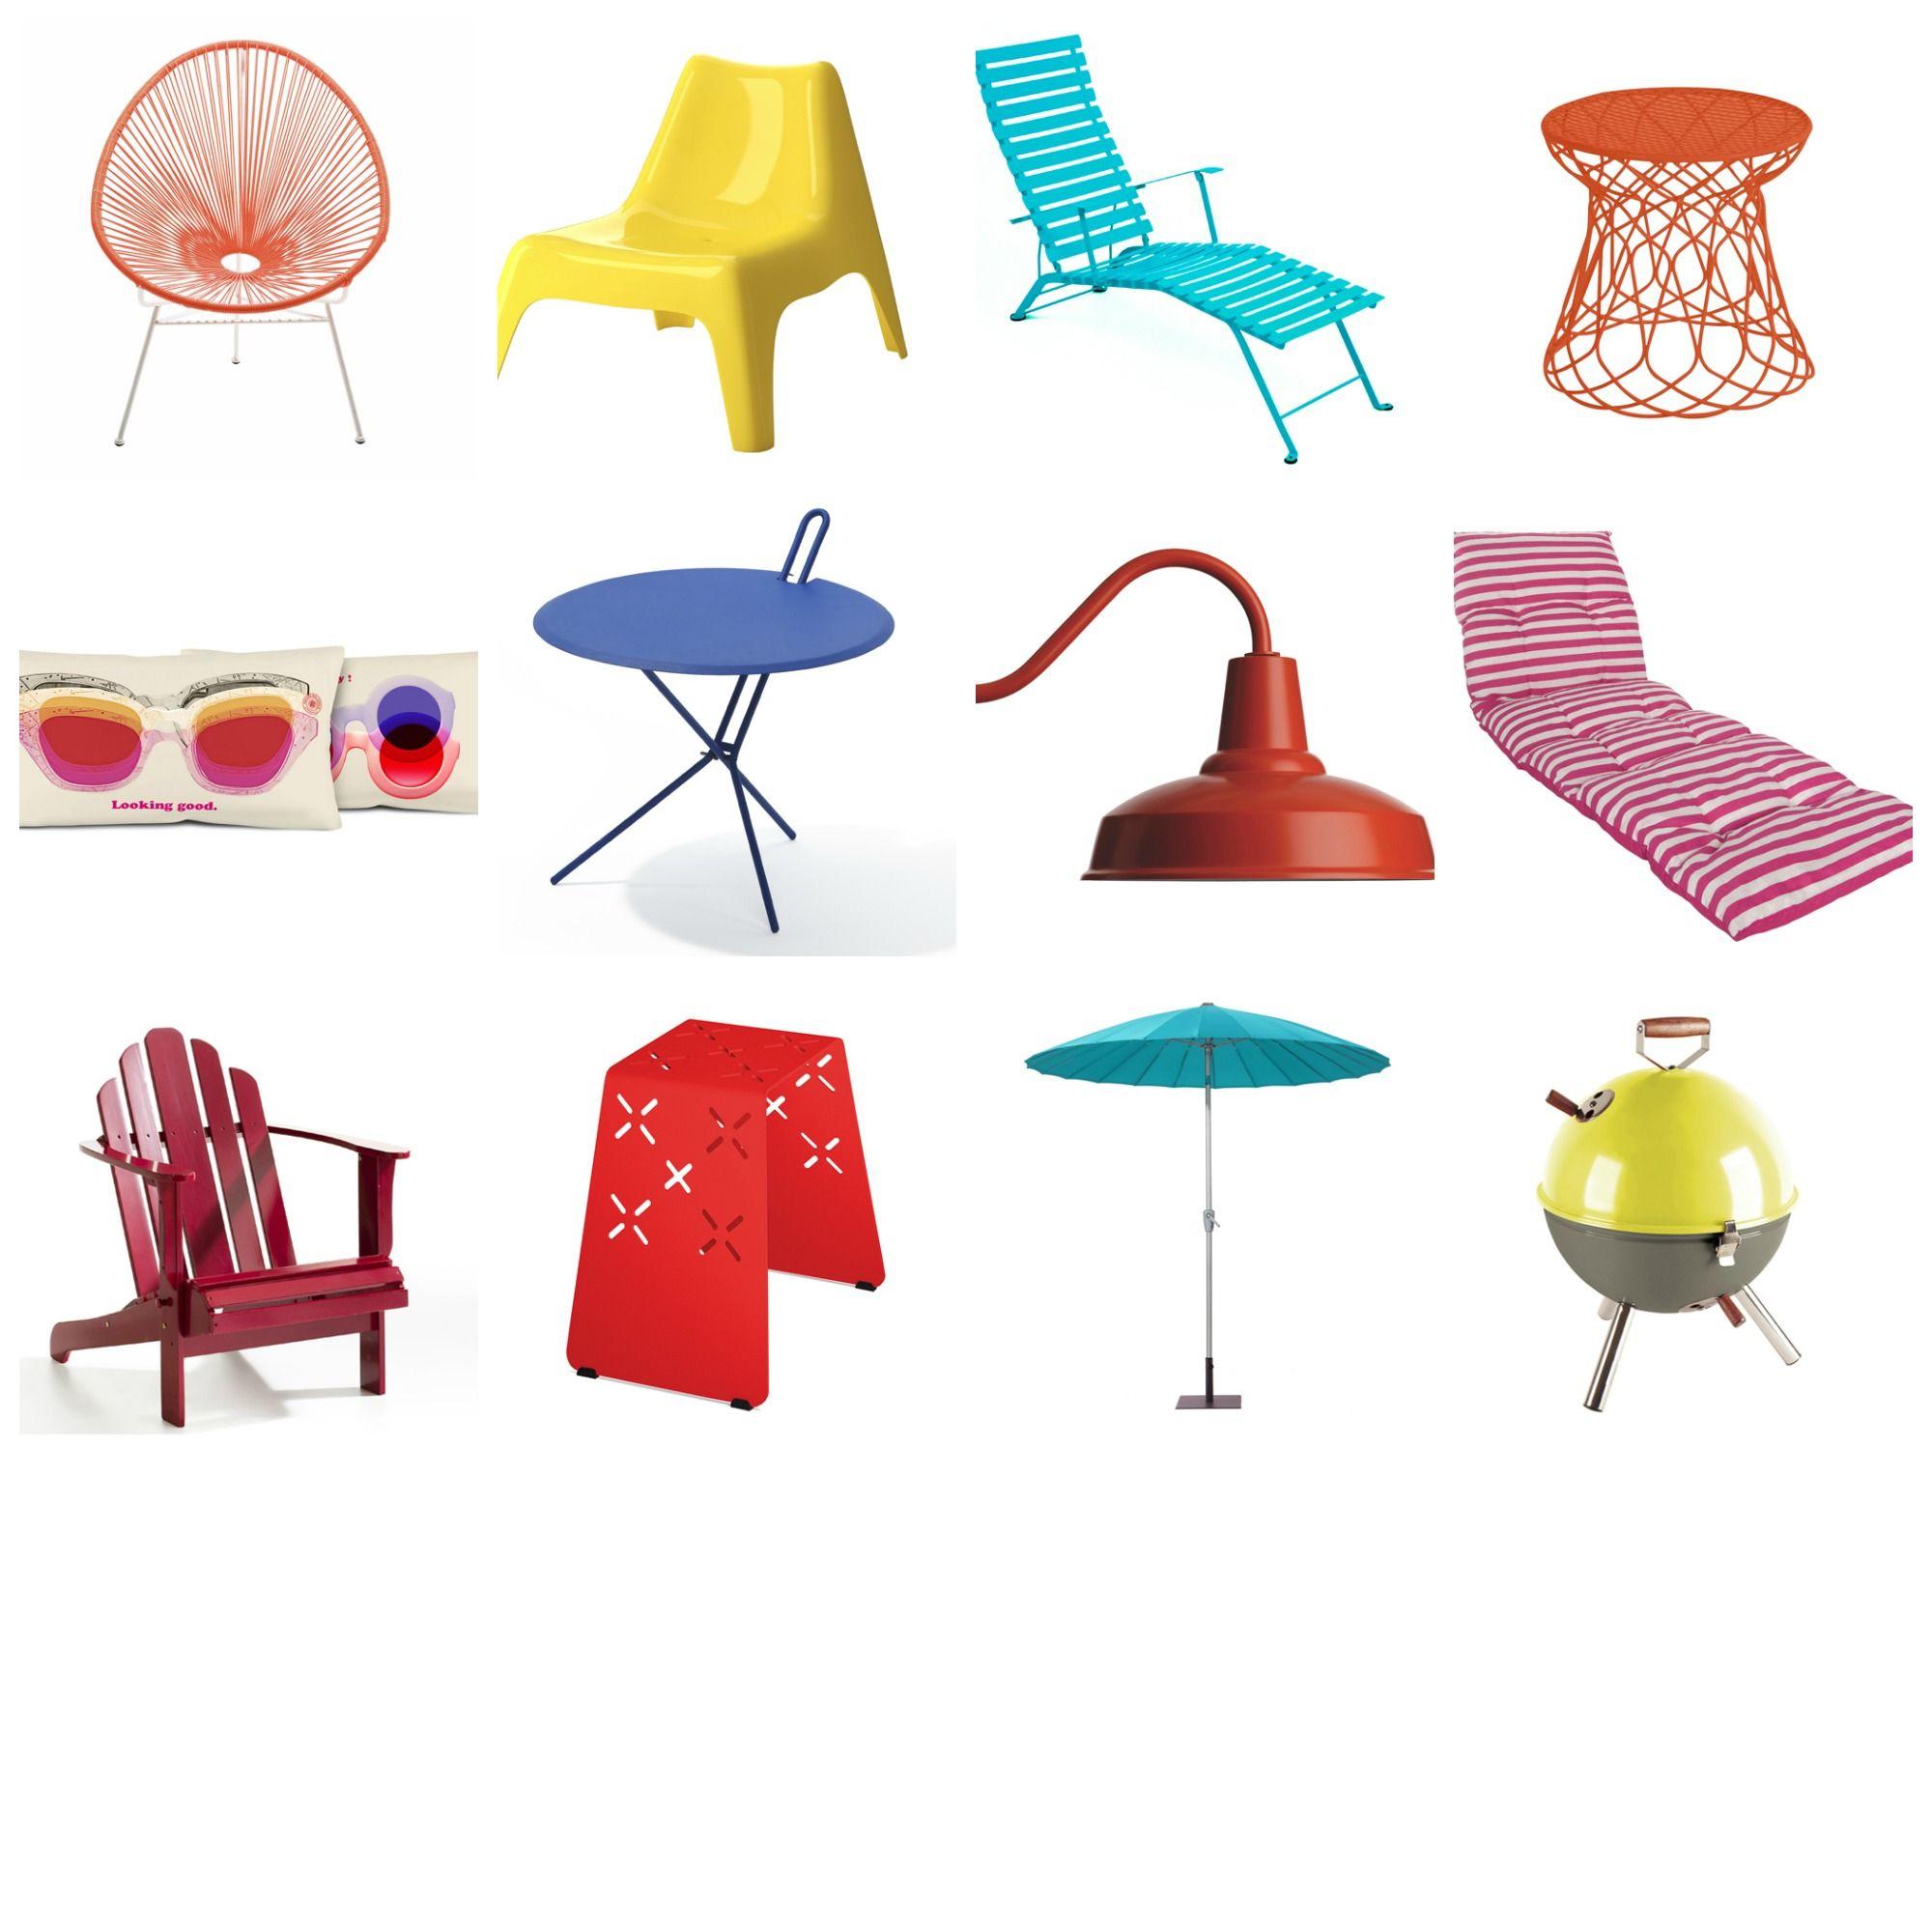 Les beaux jours vont vite arriver et il vous faudra alors renouveler votre mobilier de jardin....